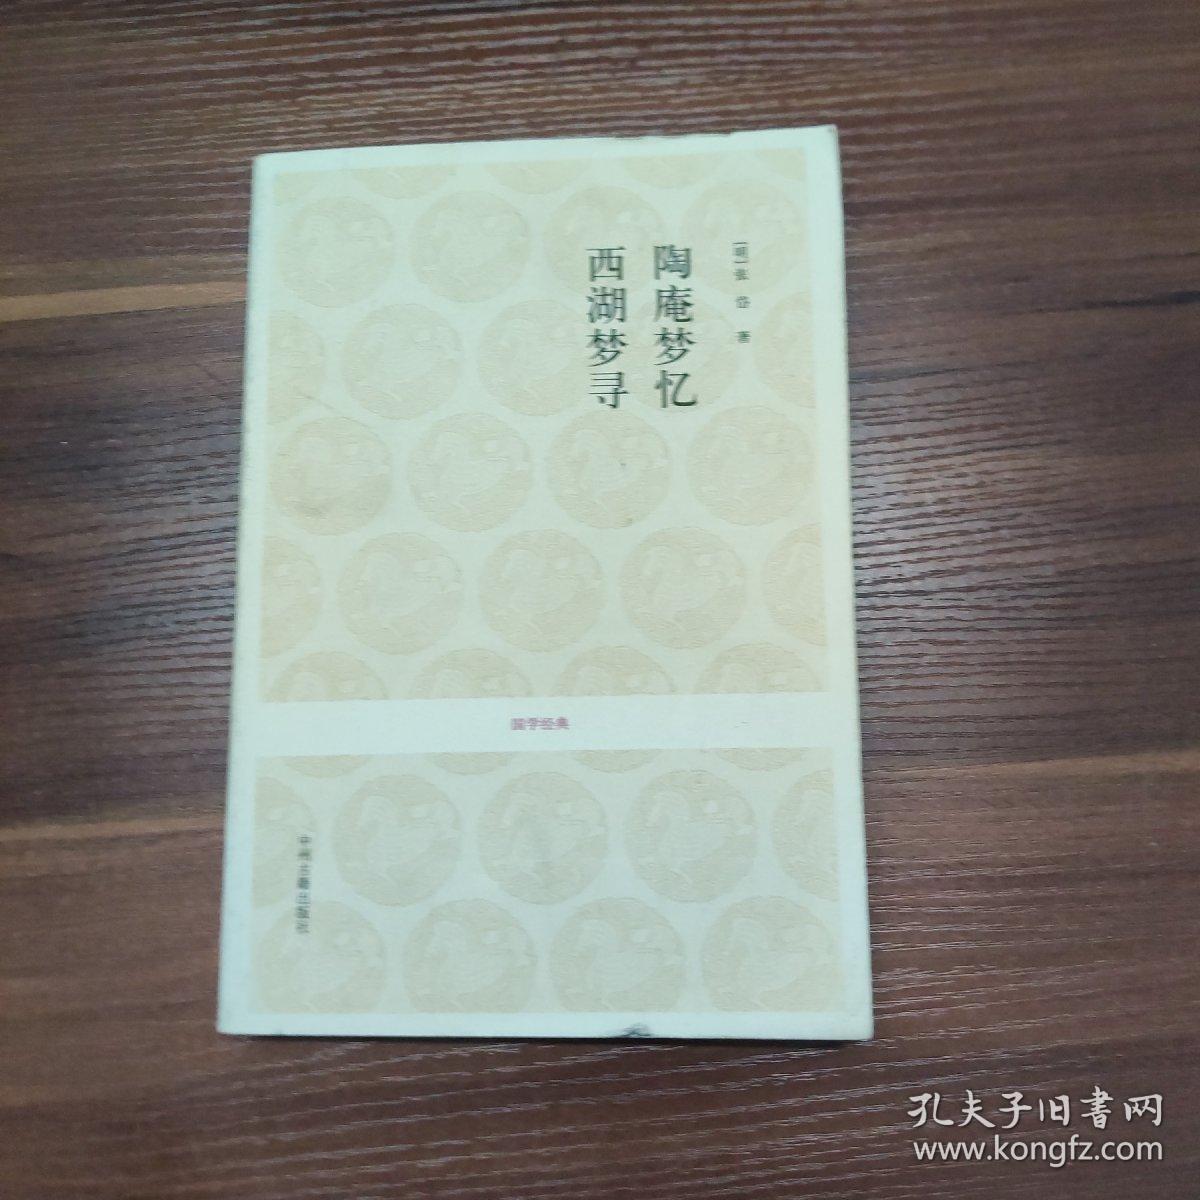 国学经典:陶庵梦忆 西湖梦寻-16开